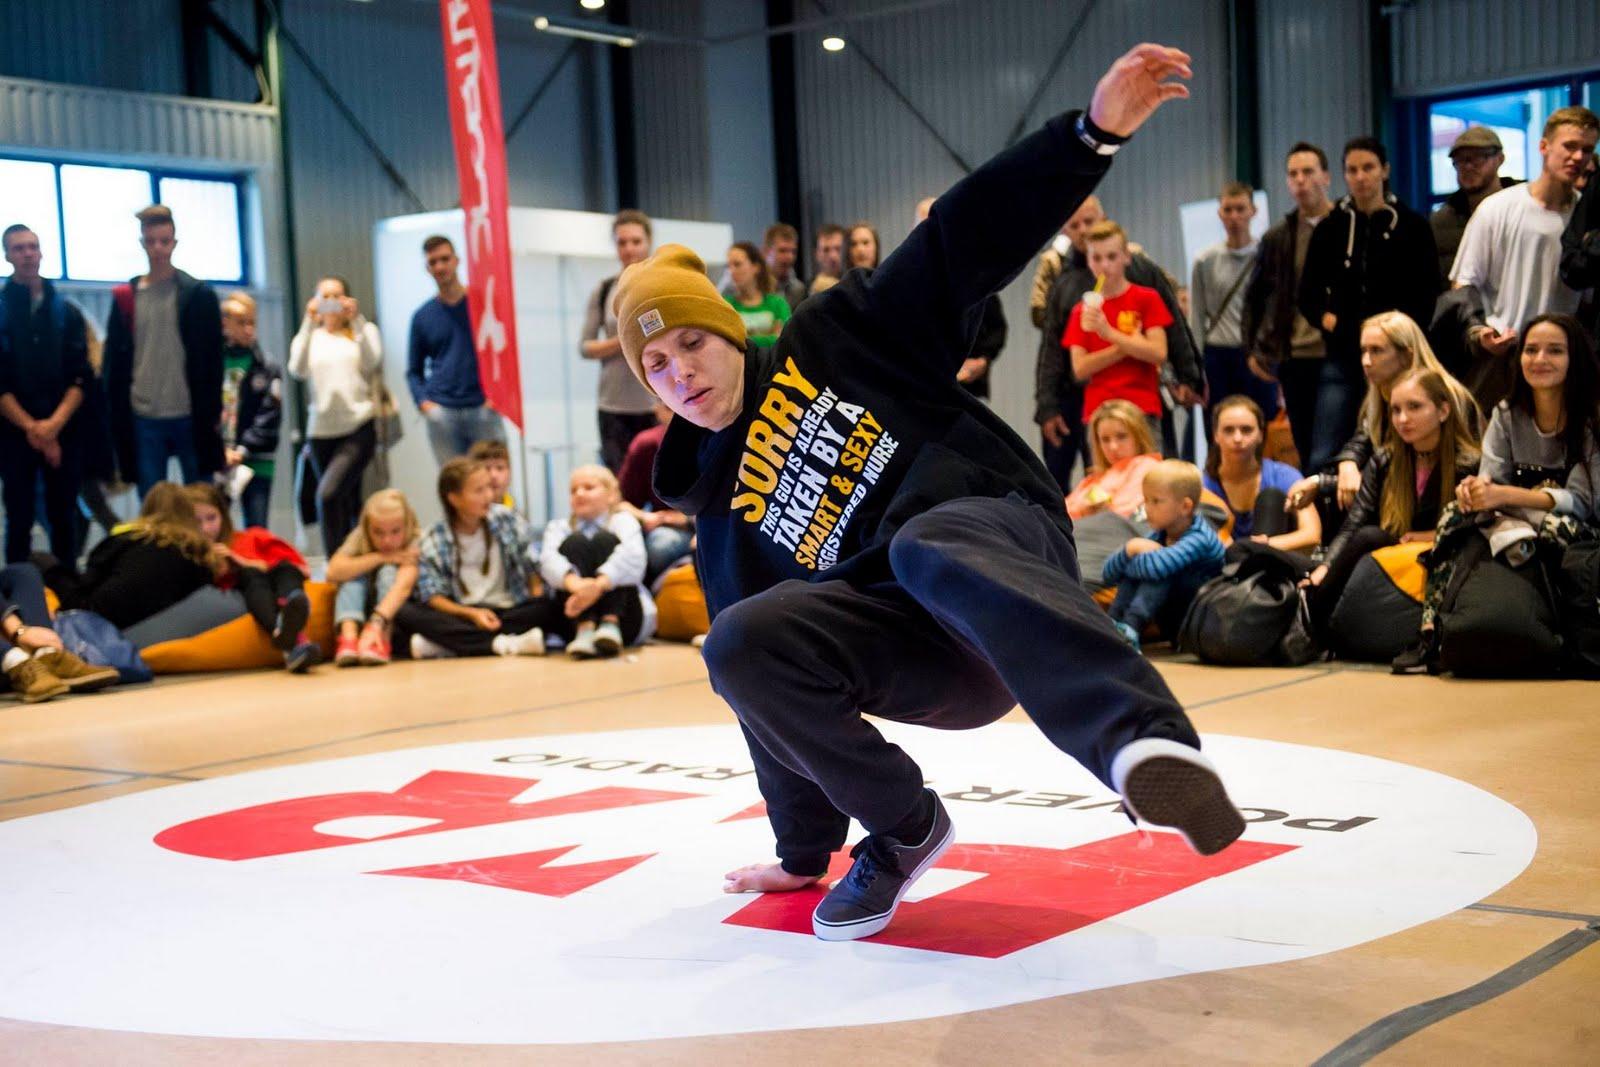 PHR Dance battles Vilniaus festivalis - 33.jpg